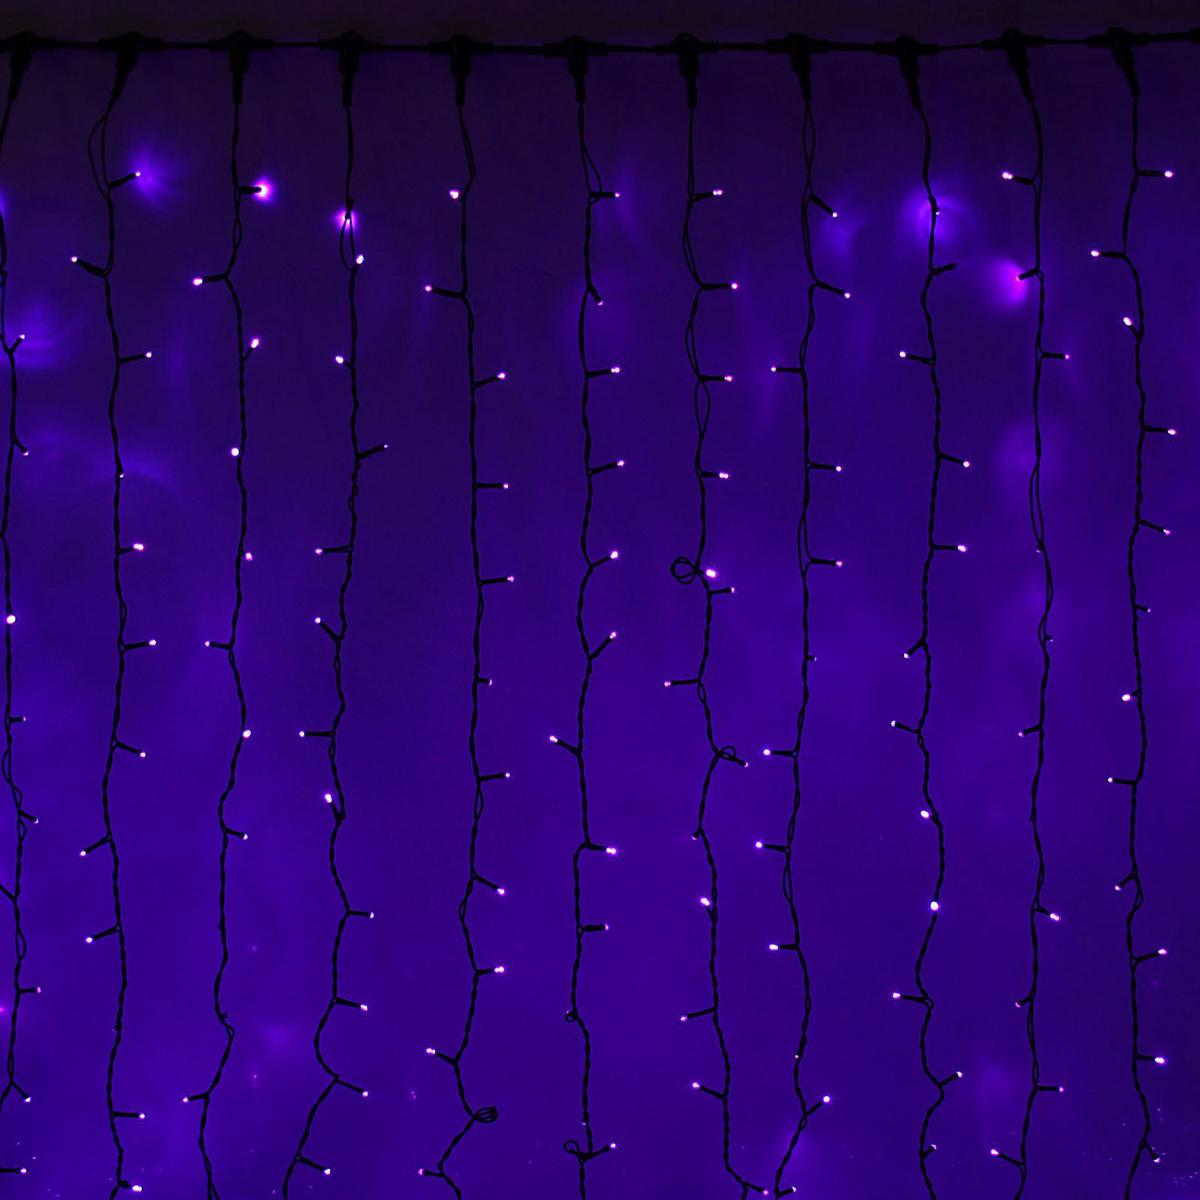 Гирлянда светодиодная Luazon Занавес, цвет: фиолетовый, уличная, 1440 ламп, 280-220 V, 2 х 6 м. 10803001080300Гирлянда светодиодная Luazon Занавес - это отличный вариант для новогоднего оформления интерьера или фасада. С ее помощью помещение любого размера можно превратить в праздничный зал, а внешние элементы зданий, украшенные гирляндой, мгновенно станут напоминать очертания сказочного дворца. Такое украшение создаст ауру предвкушения чуда. Деревья, фасады, витрины, окна и арки будто специально созданы, чтобы вы украсили их светящимися нитями.